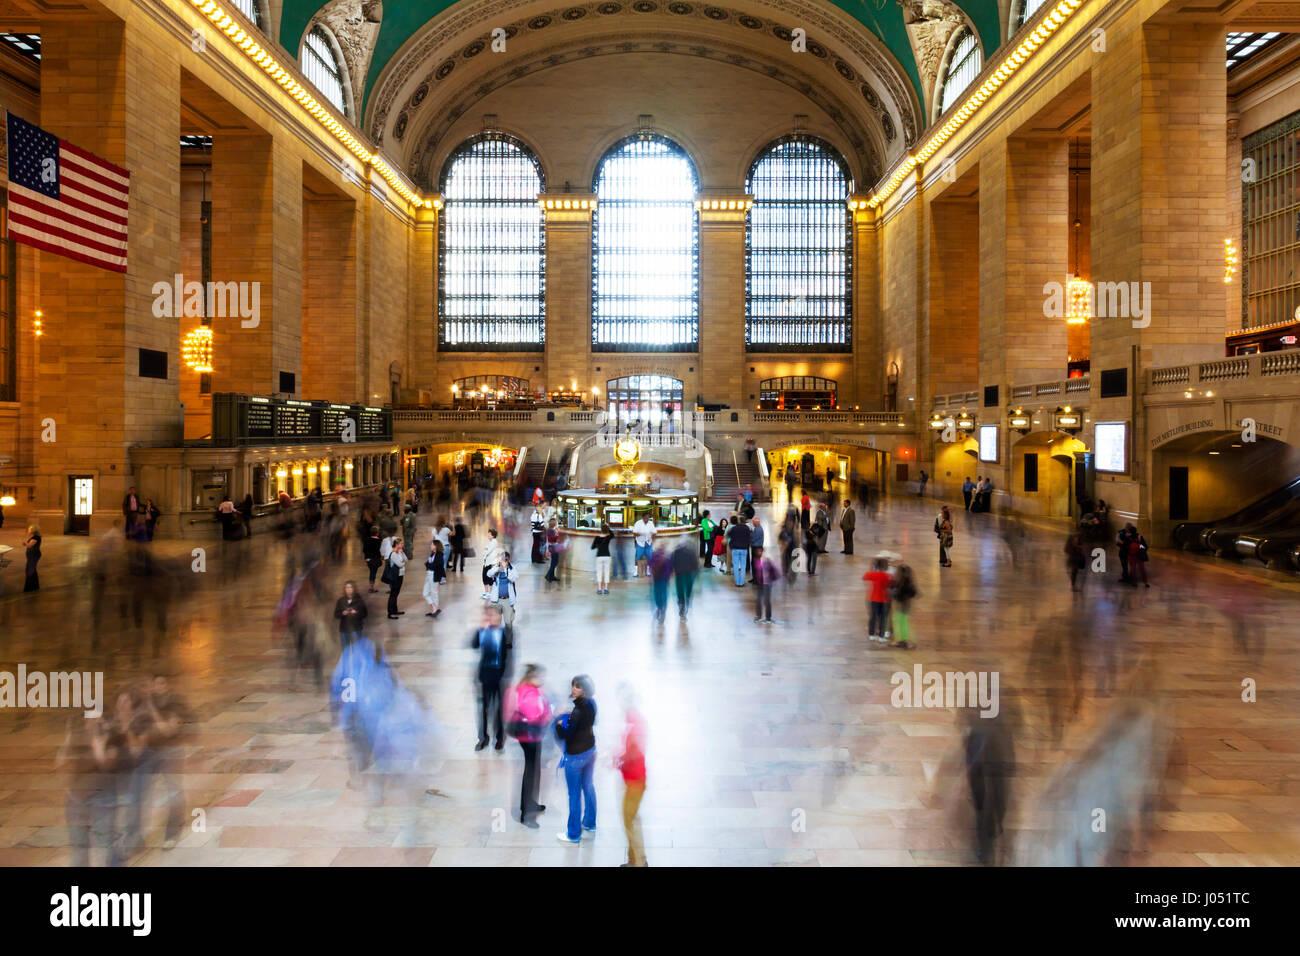 Atrio principale in Grand Central Terminal Manhattan New York City all'interno dell'edificio interno alla Immagini Stock